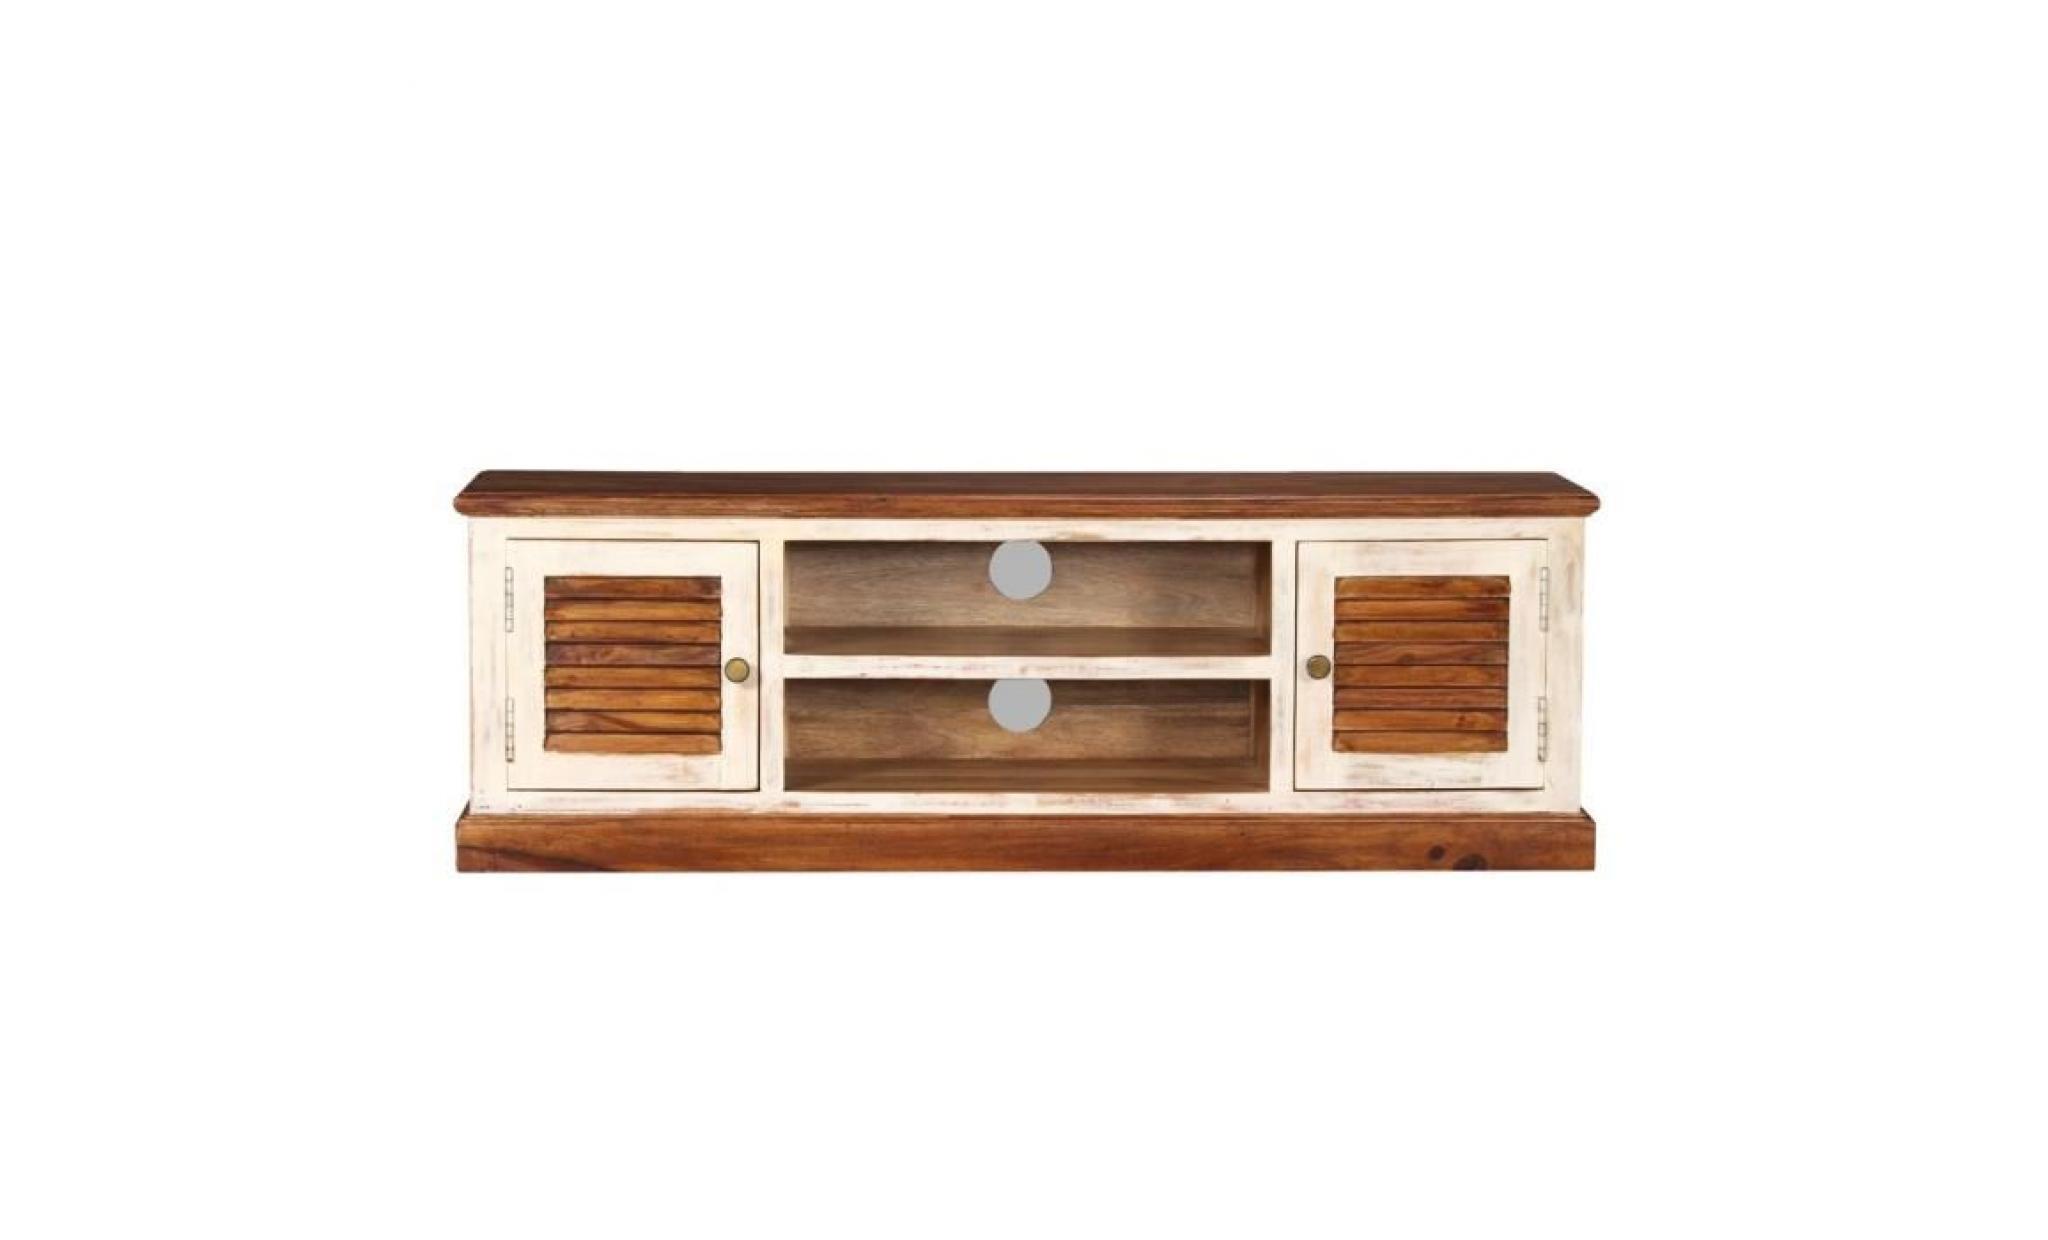 meuble tv meubles audio vidéo bois massif de manguier et sesham 12 x 12 x  12 cm